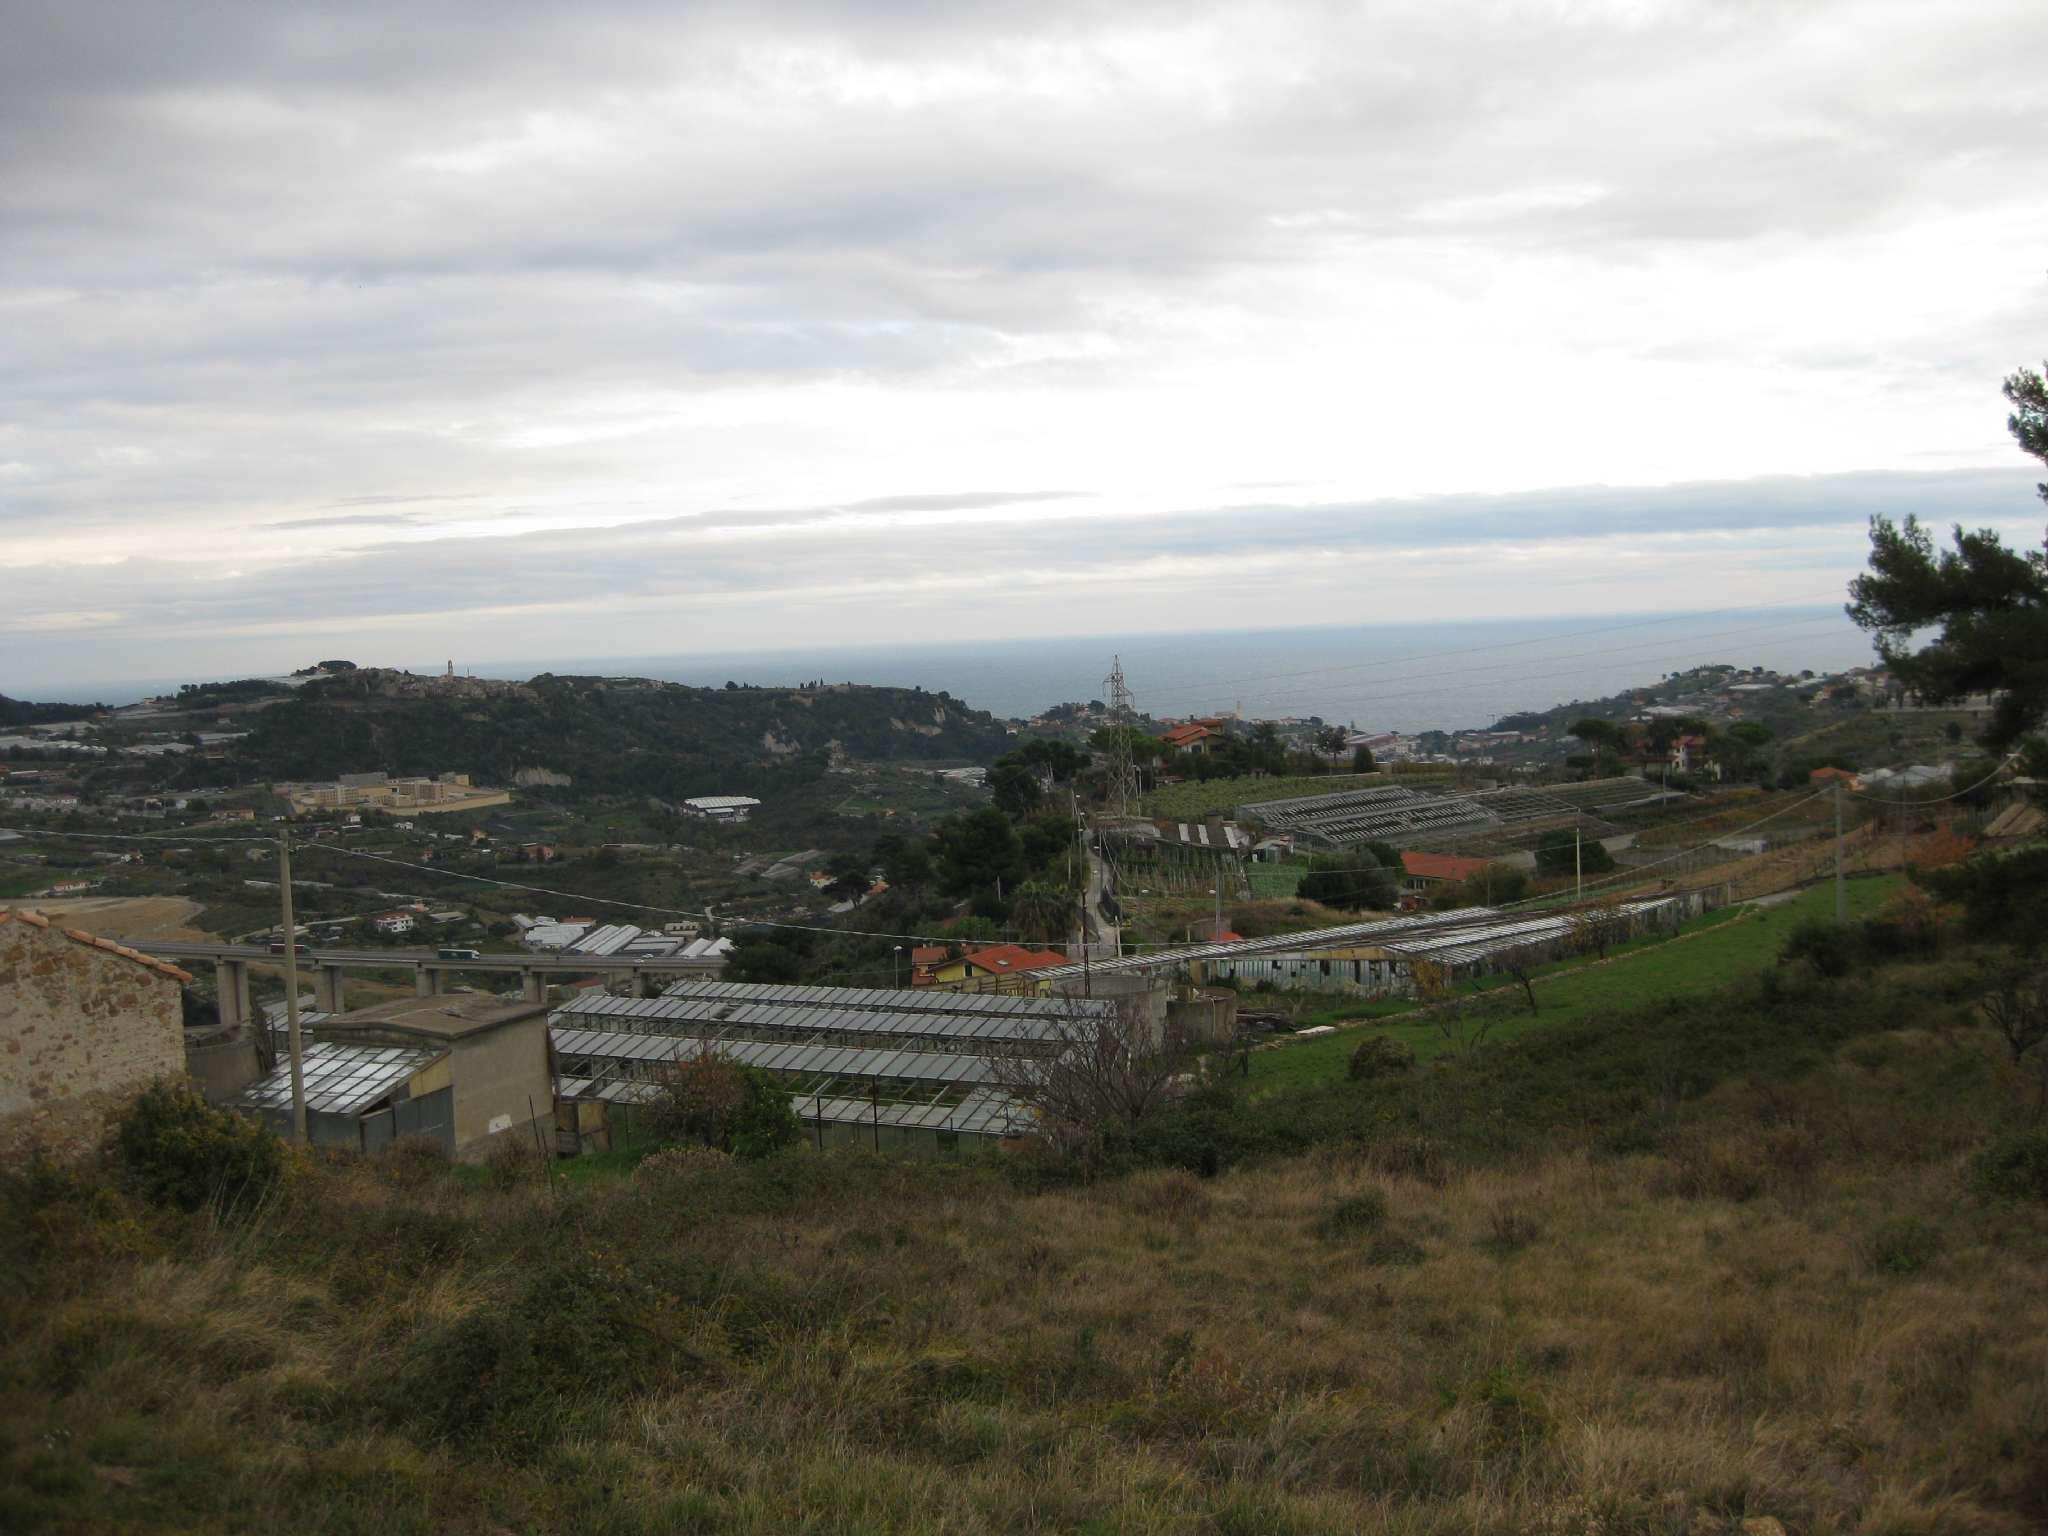 terreno edificabile con vista mare Rif.9016031